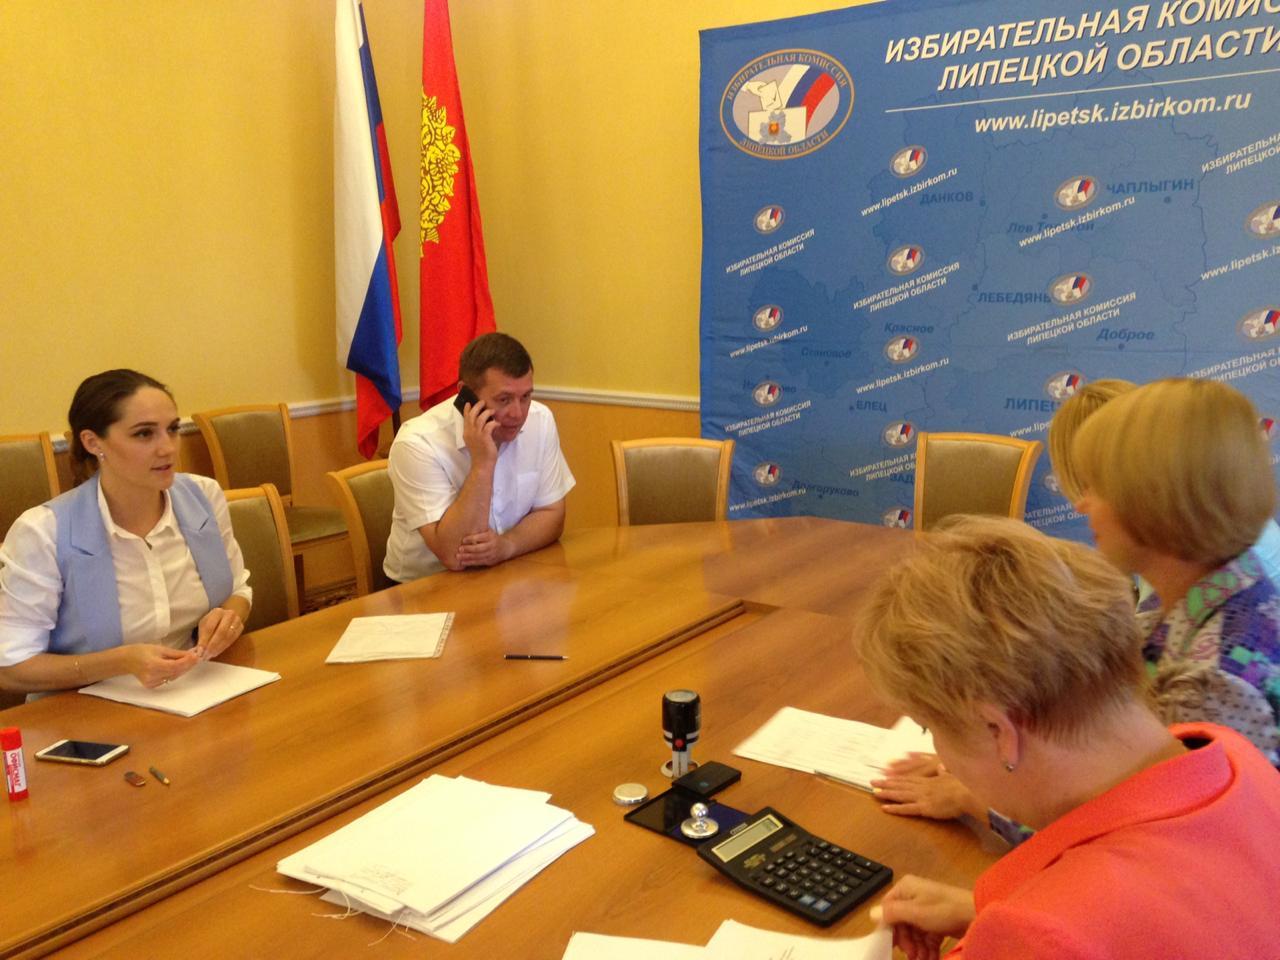 Кандидат от КПРФ преодолел муниципальный фильтр